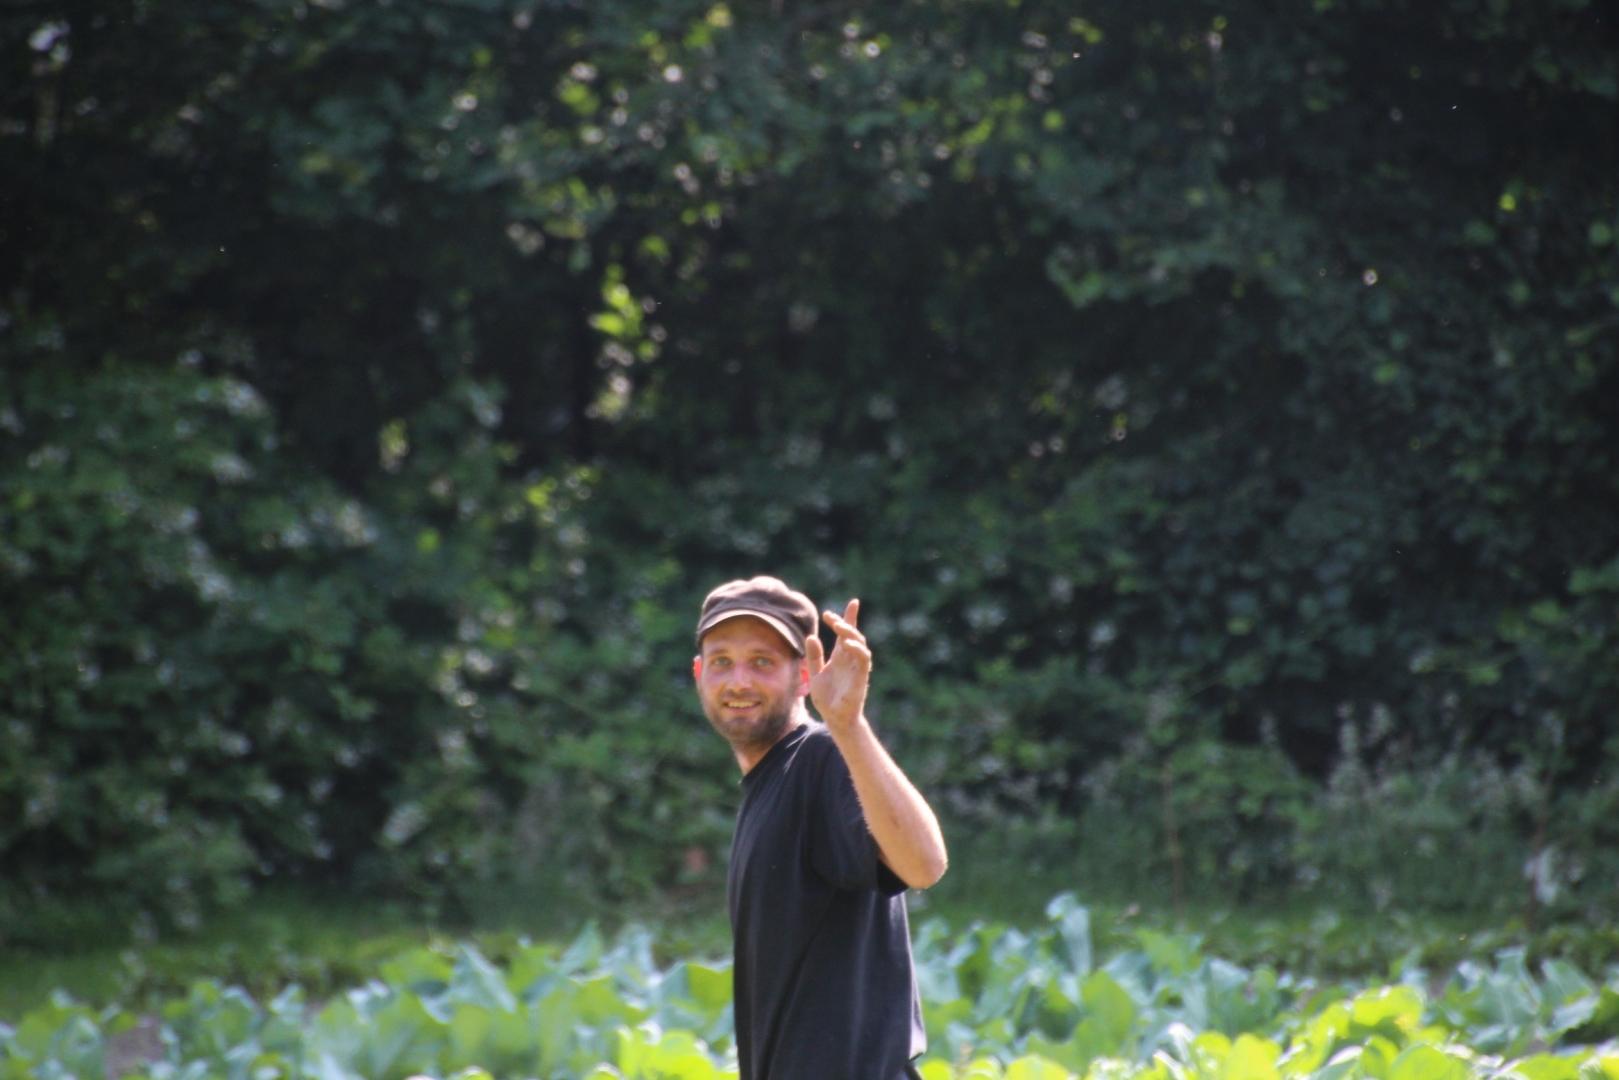 003-seq-gijs_nauta_tuinder_van_het_proefveld_zelfoogsttuin_biotoop_haren_foto_simon_wijma.jpg